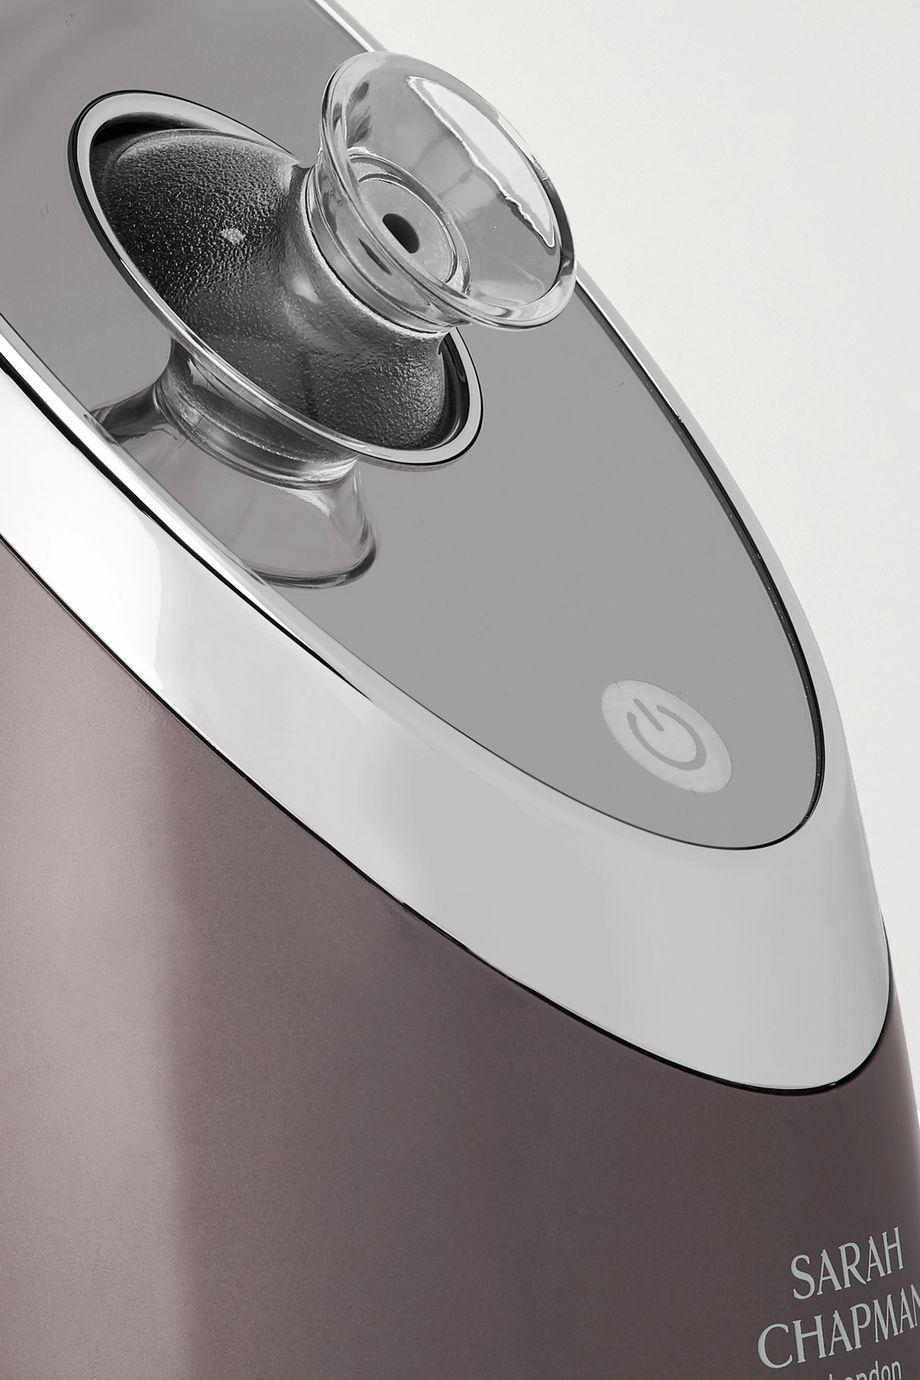 Sarah Chapman Pro Hydro Mist Steamer – Gesichtsreinigungsgerät